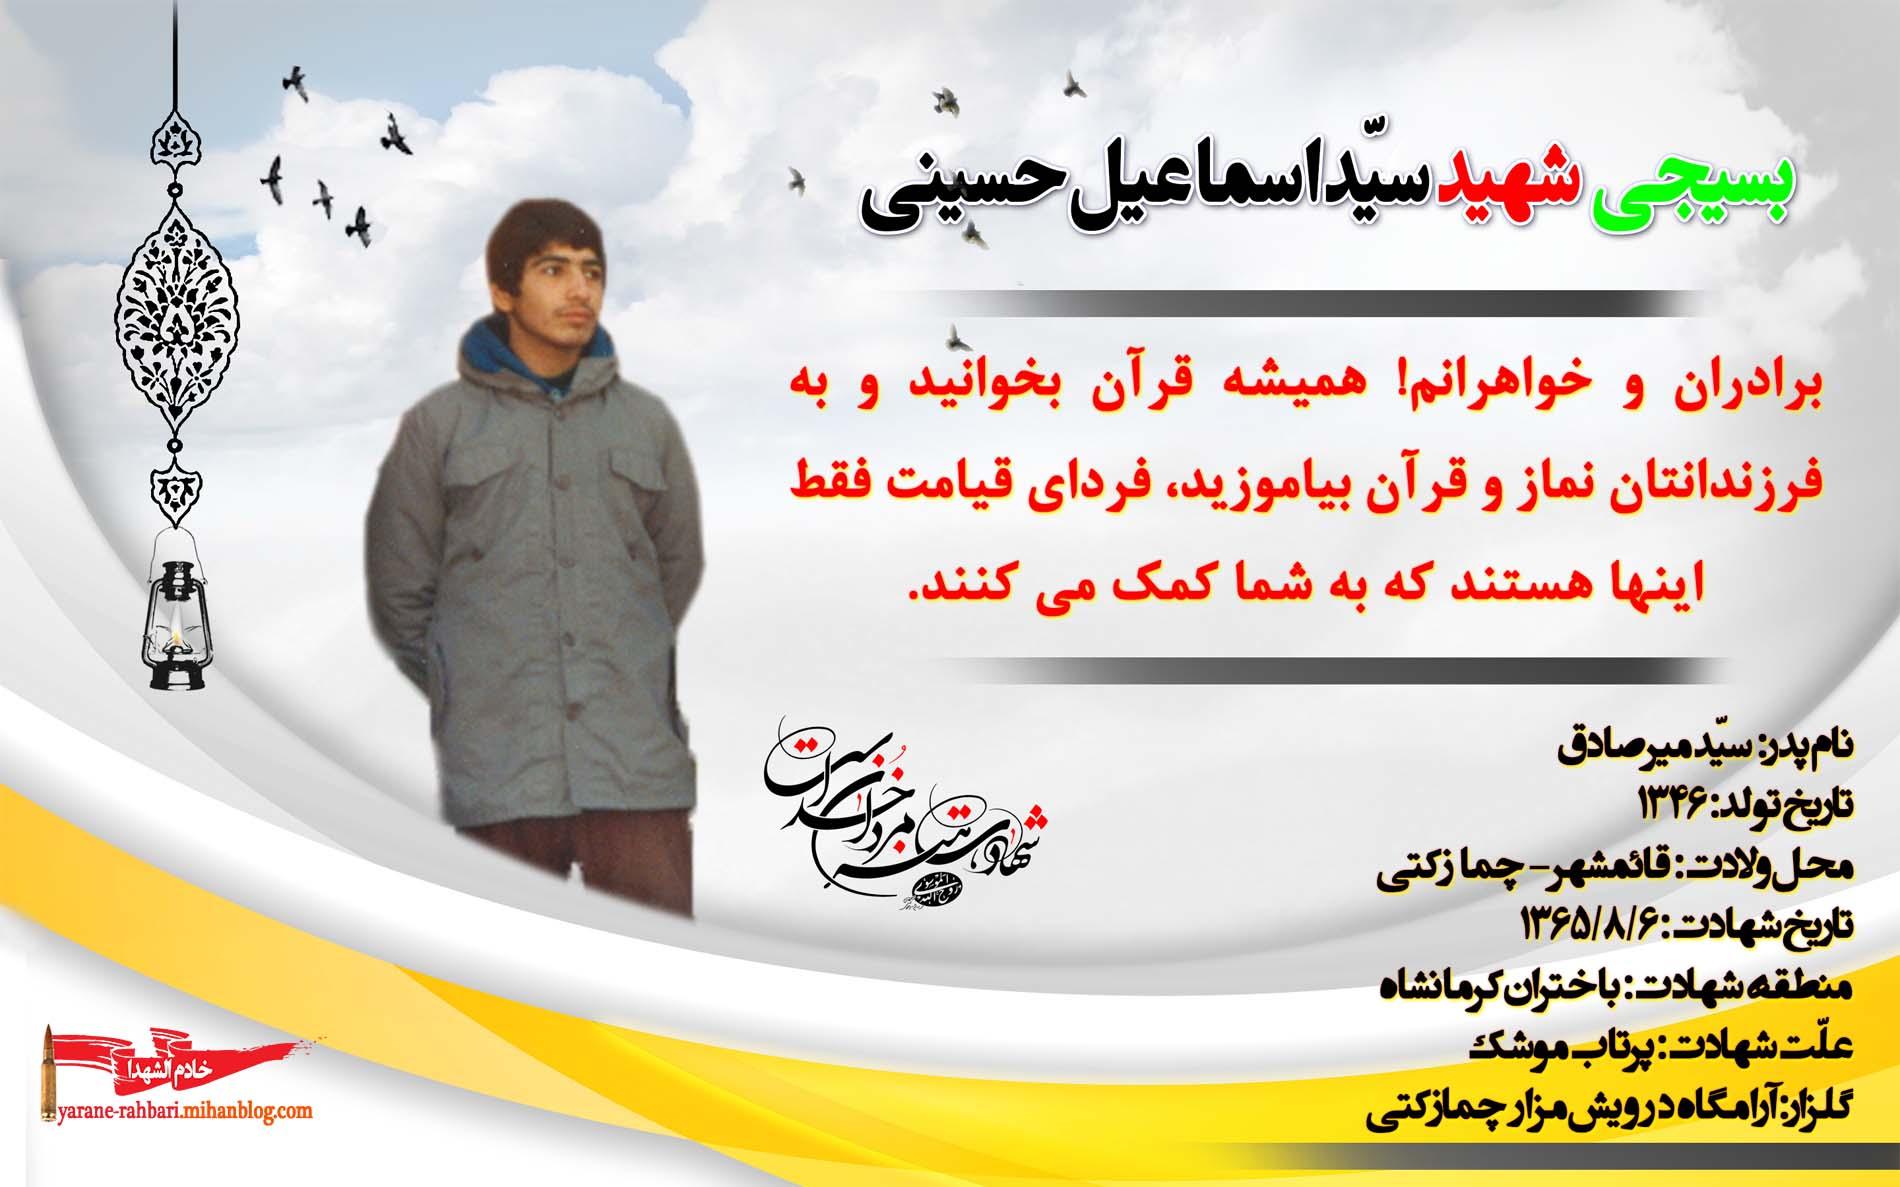 شهید سید اسماعیل حسینی چمازکتی